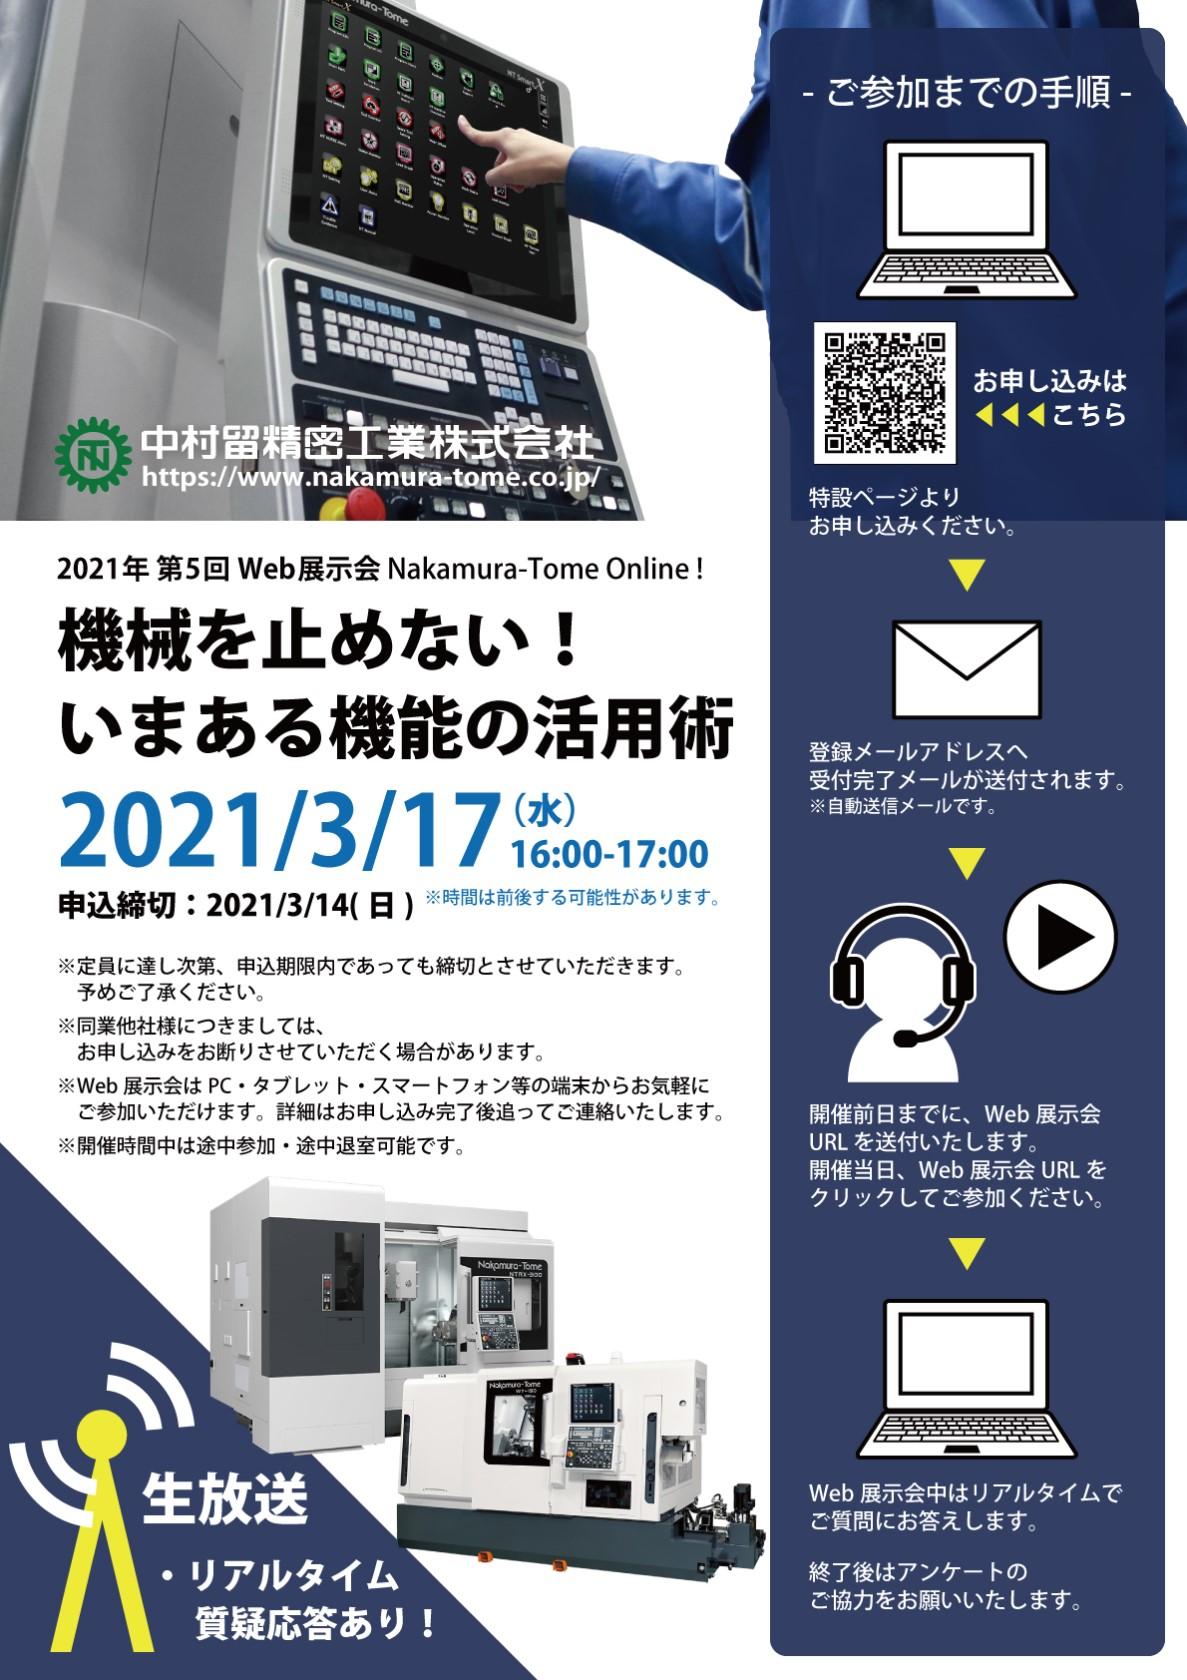 第5回Web展示会を開催します!